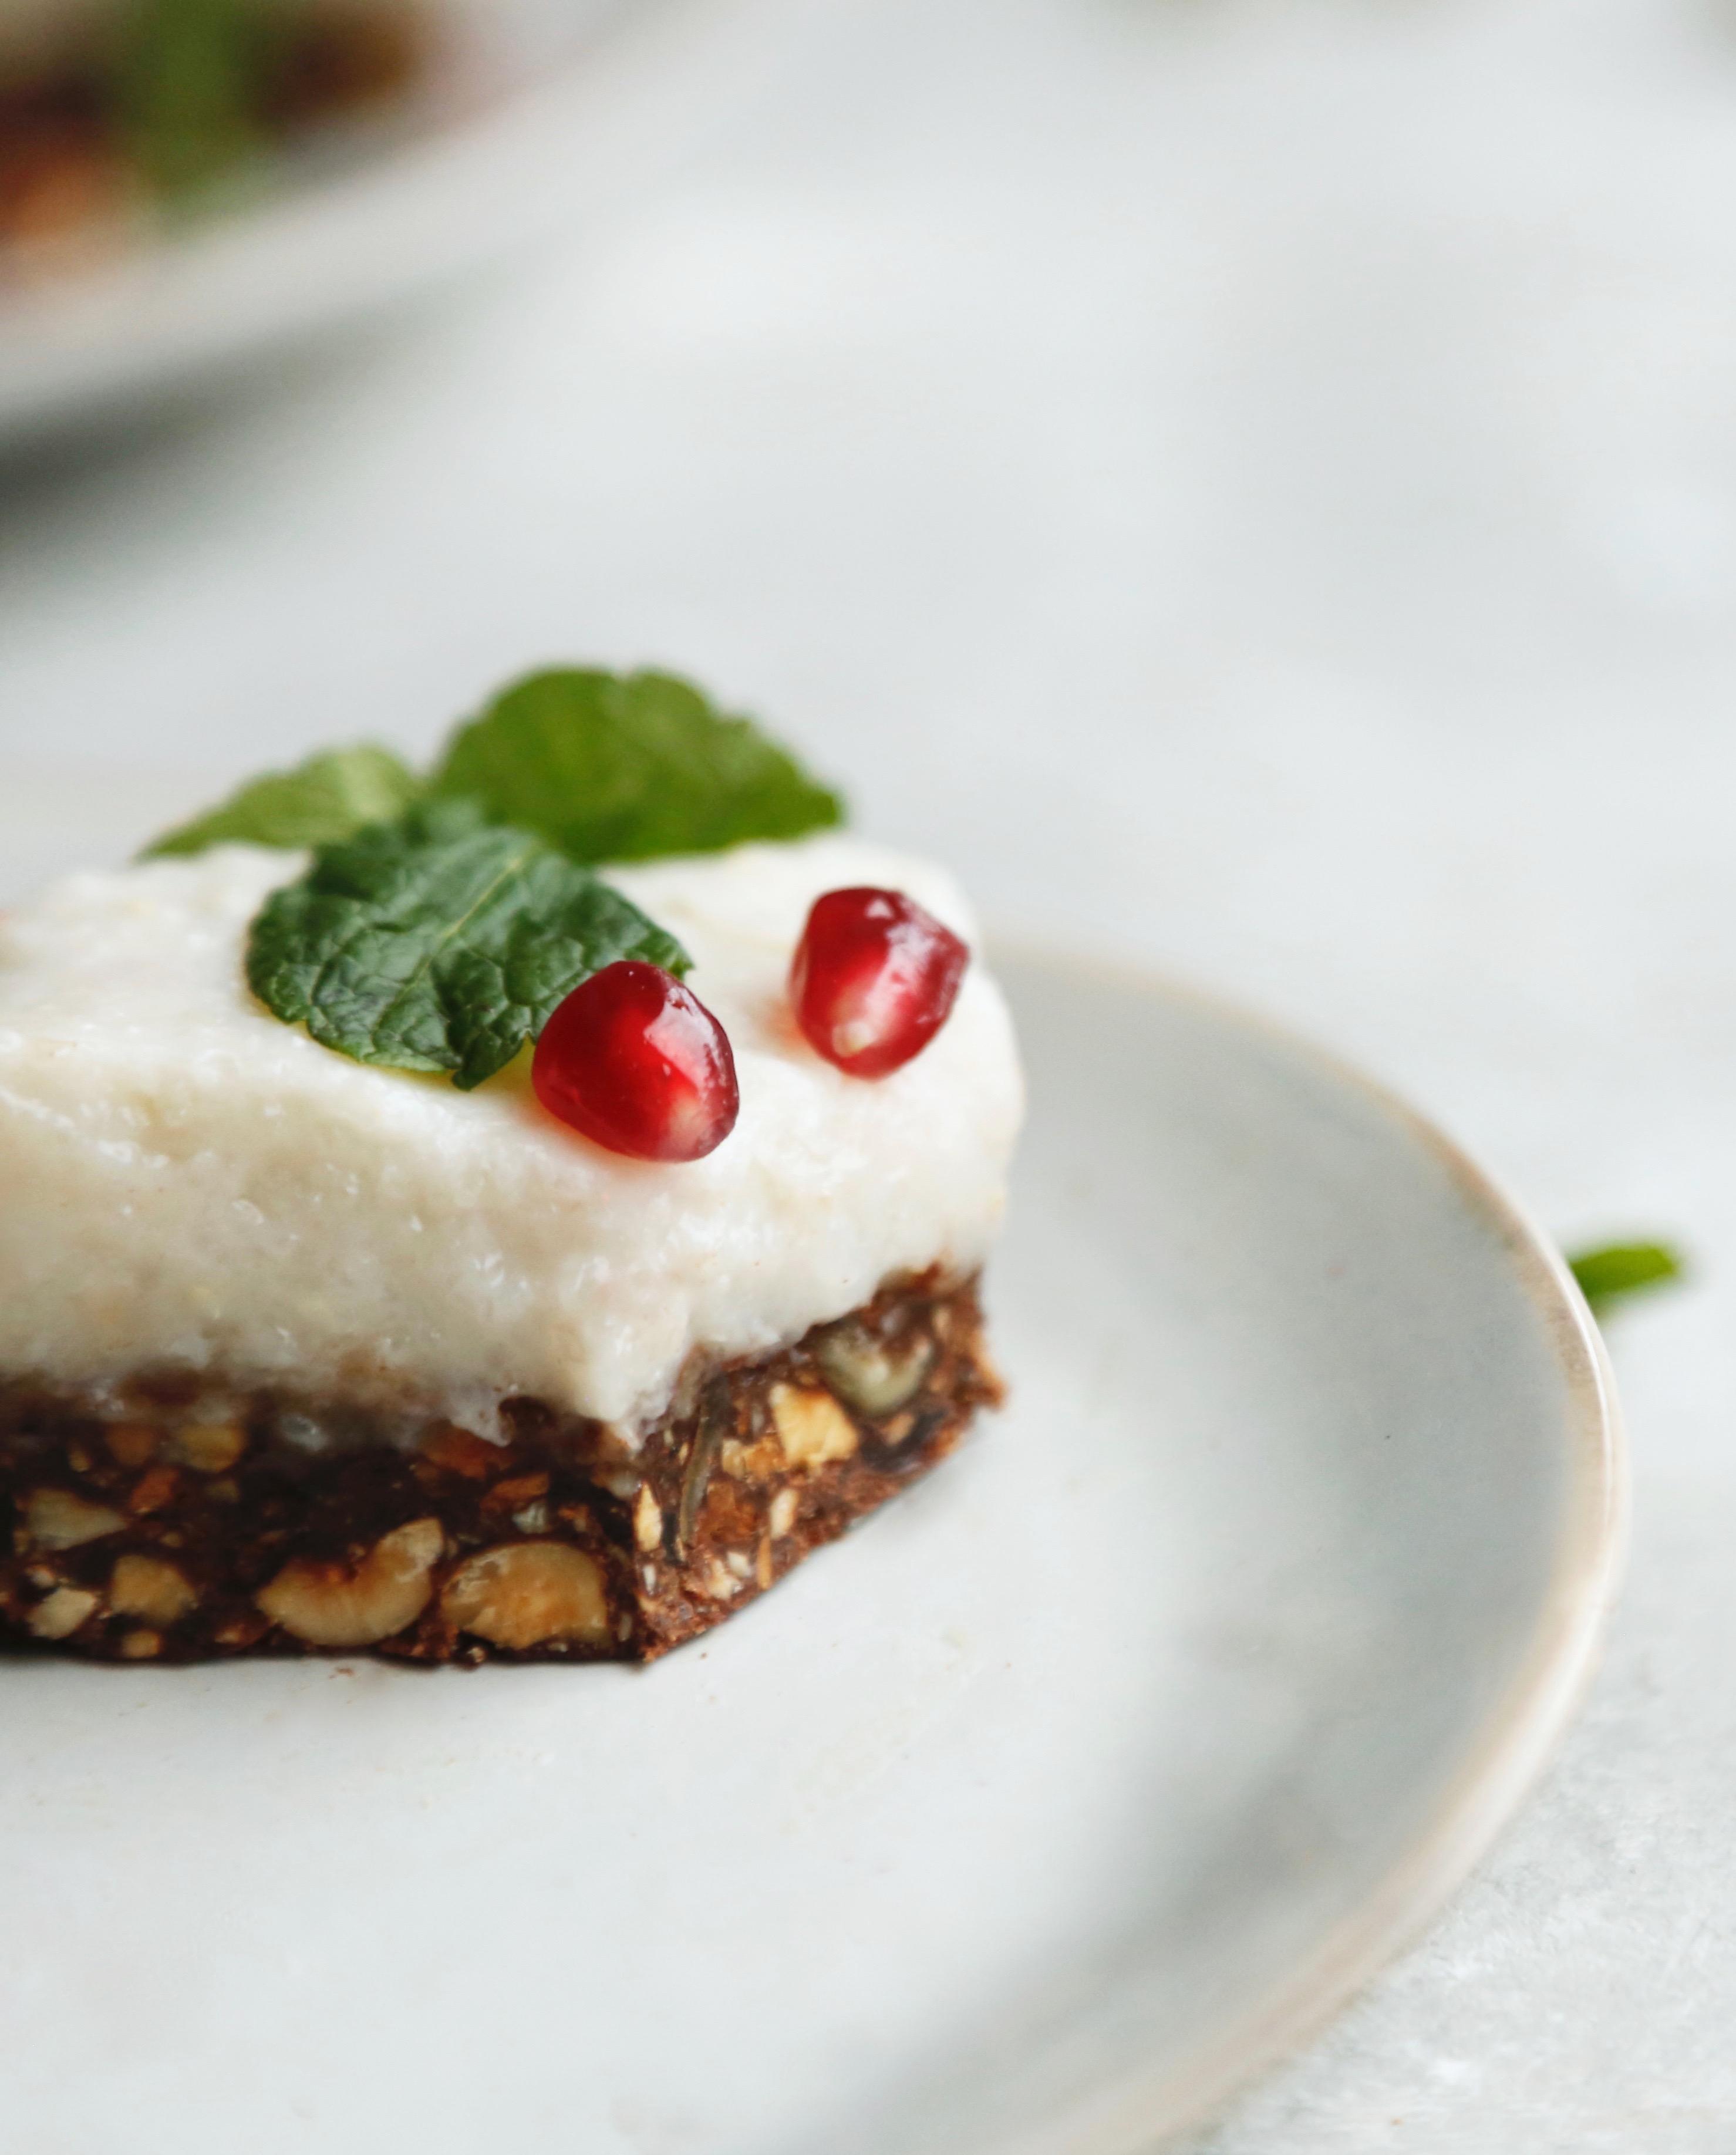 julekage-med-sproed-chokoladebund-og-en-rest-af-risengroed-5